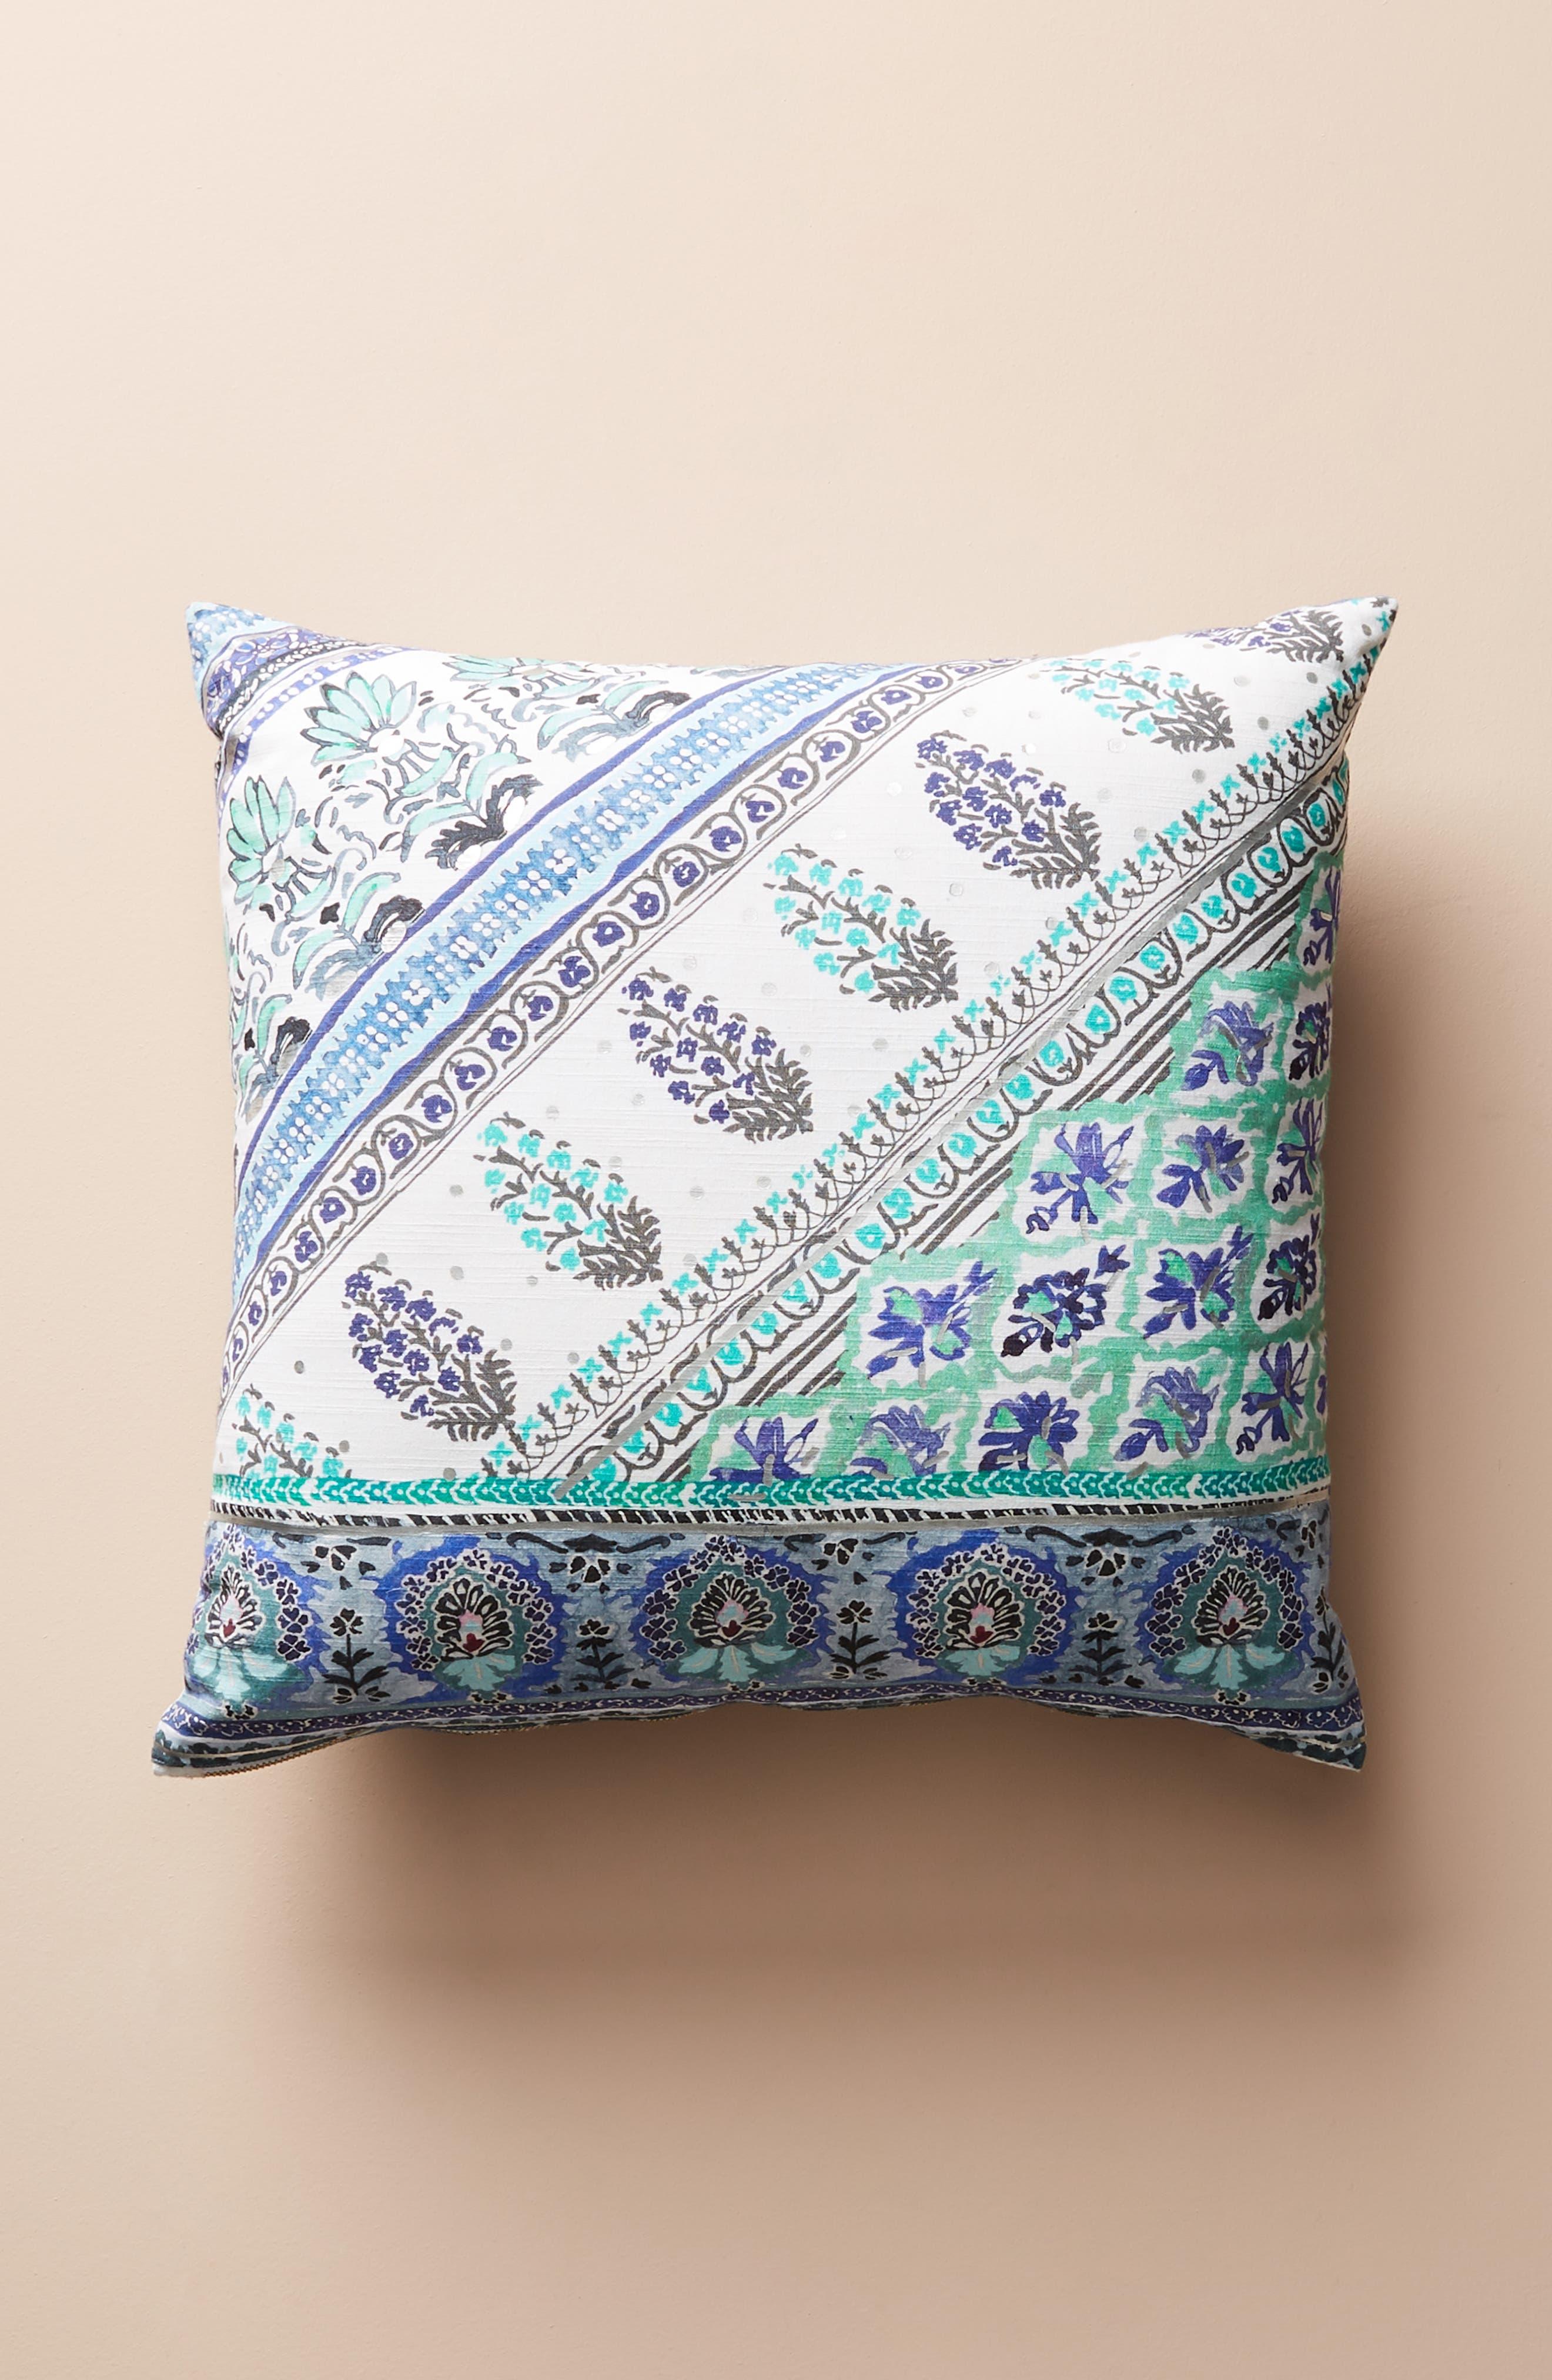 Aurora Accent Pillow,                             Alternate thumbnail 2, color,                             400